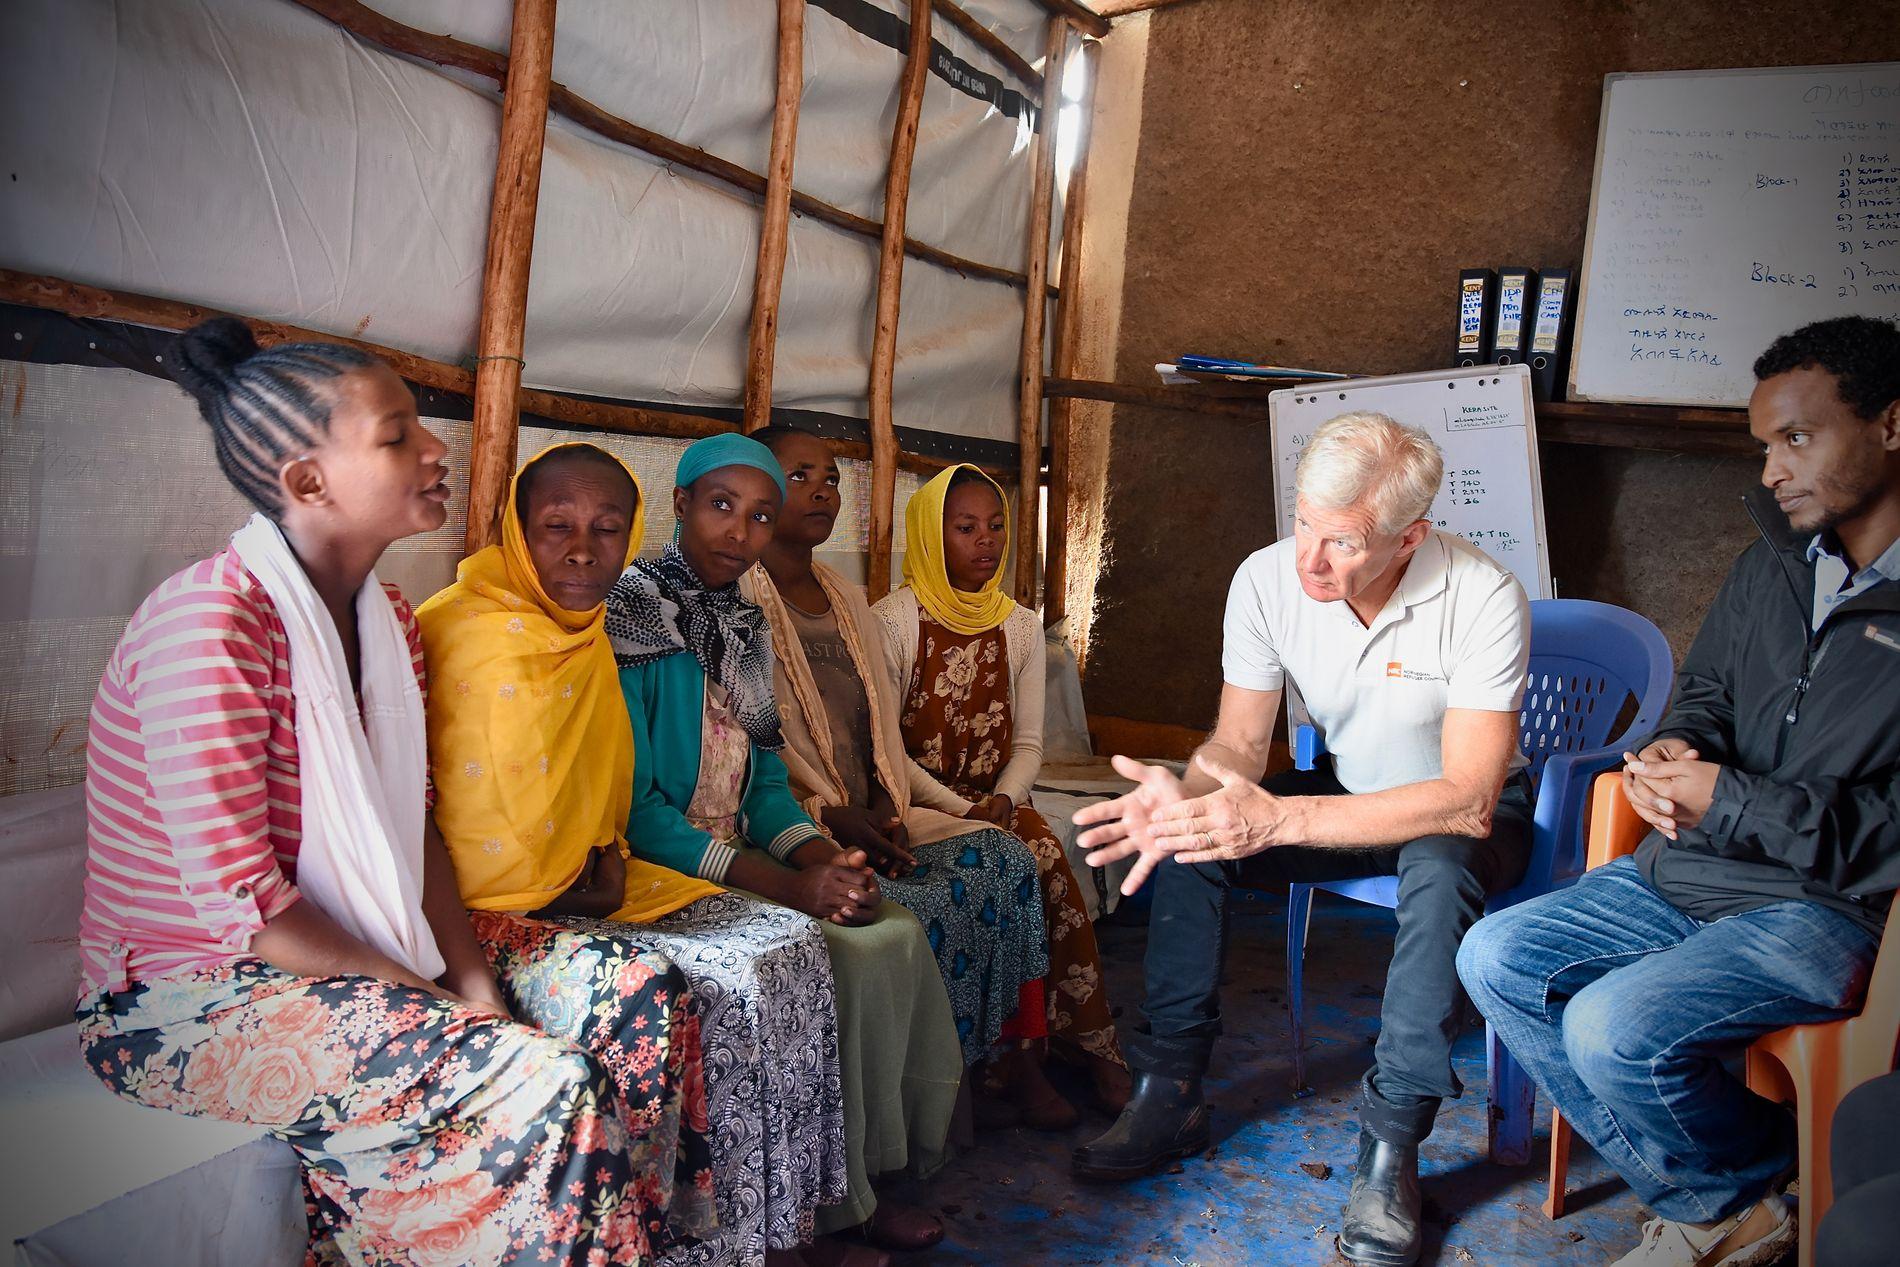 VIL FÅ FOLK HJEM: Egeland forteller at målet i Etiopia er at menneskene skal få vende hjem.